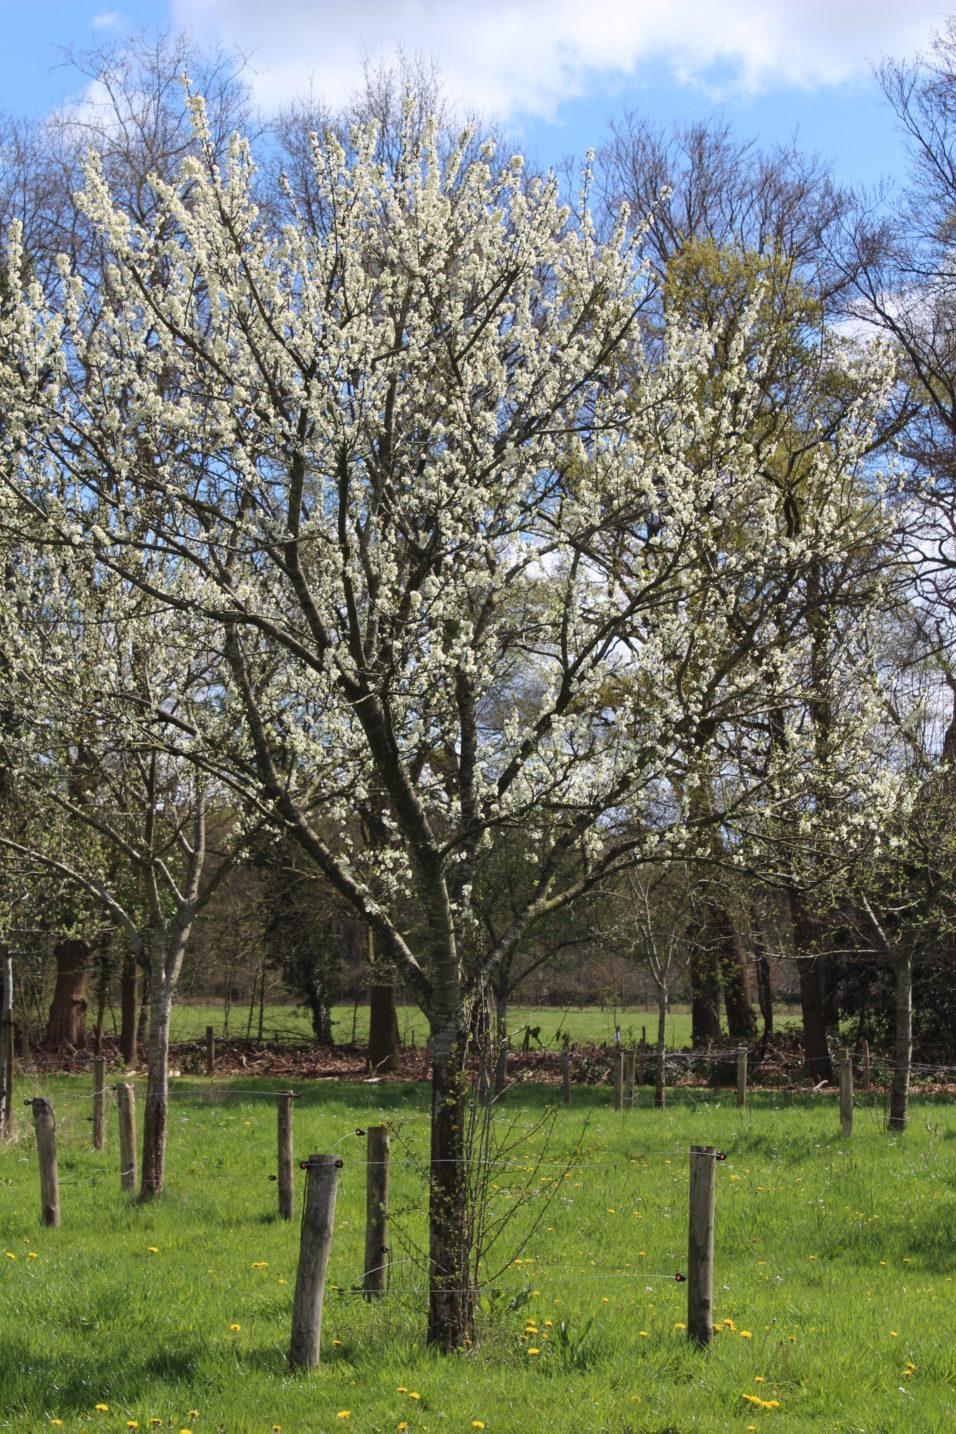 Pruimenboom in bloei voorjaar 2016